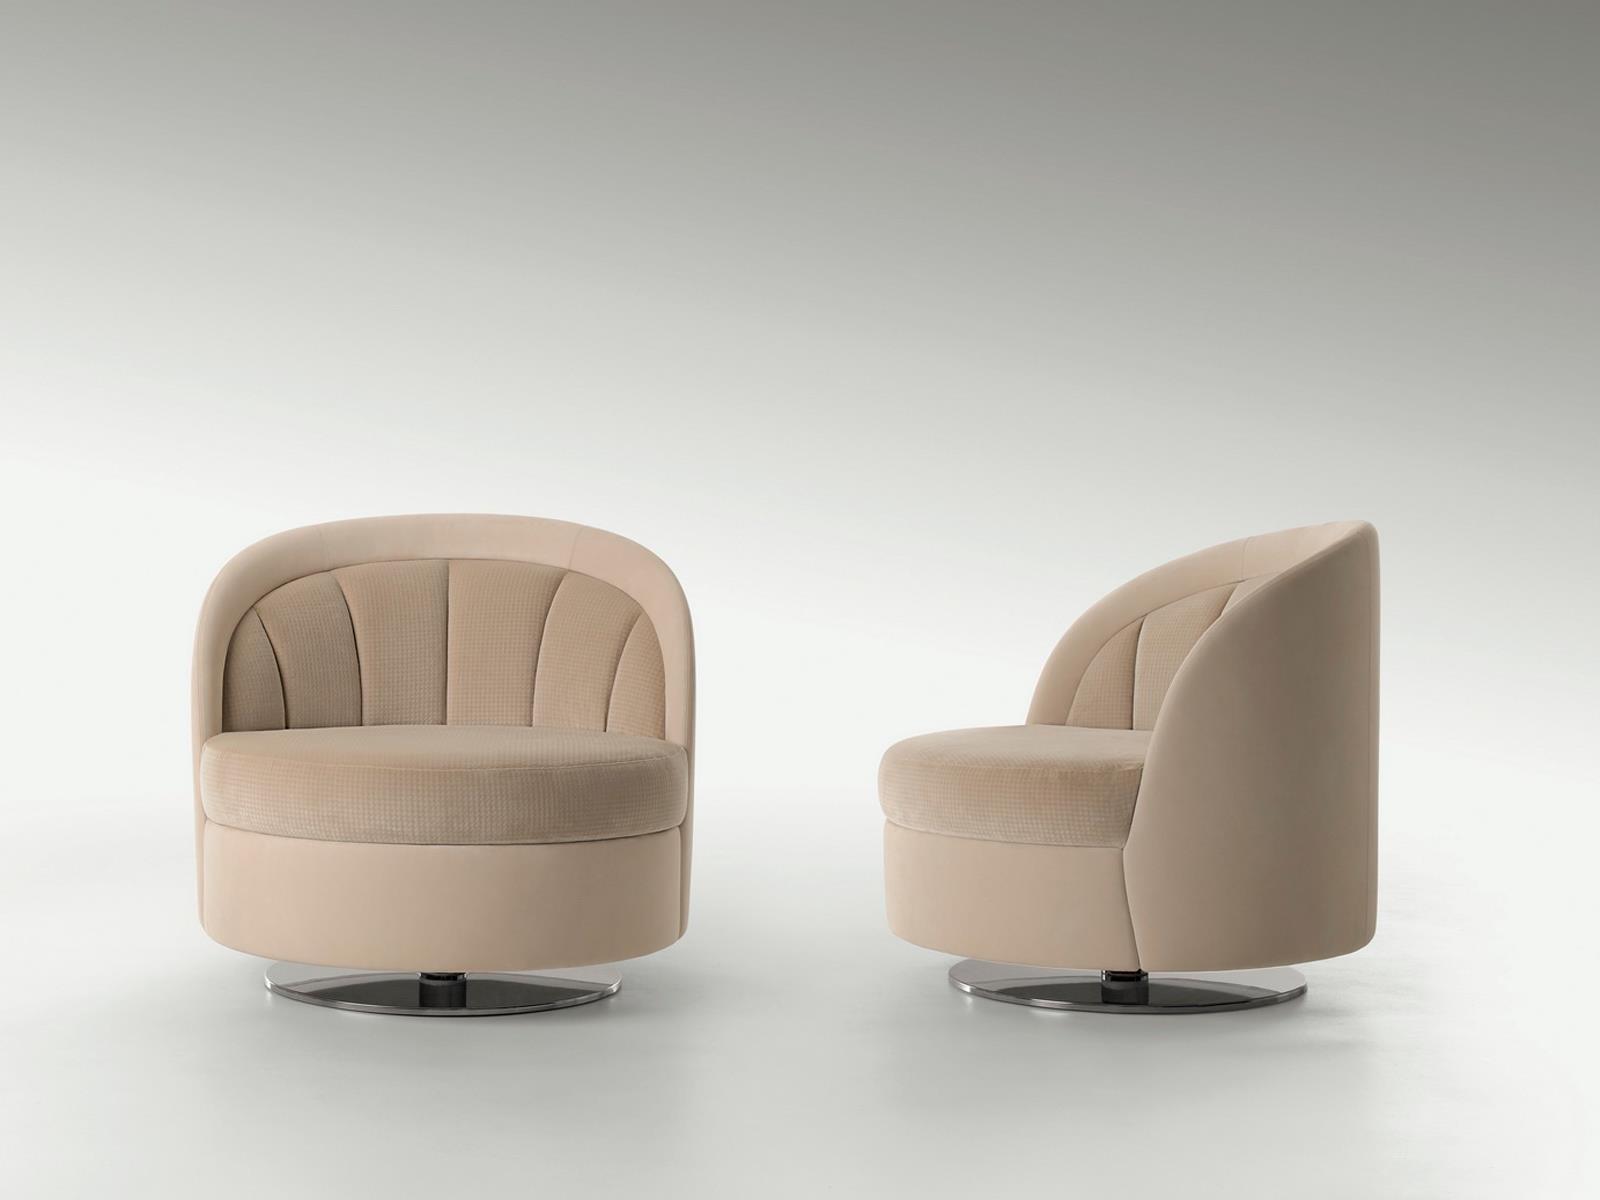 Bentley presenta su nueva l nea de muebles for Nueva linea muebles